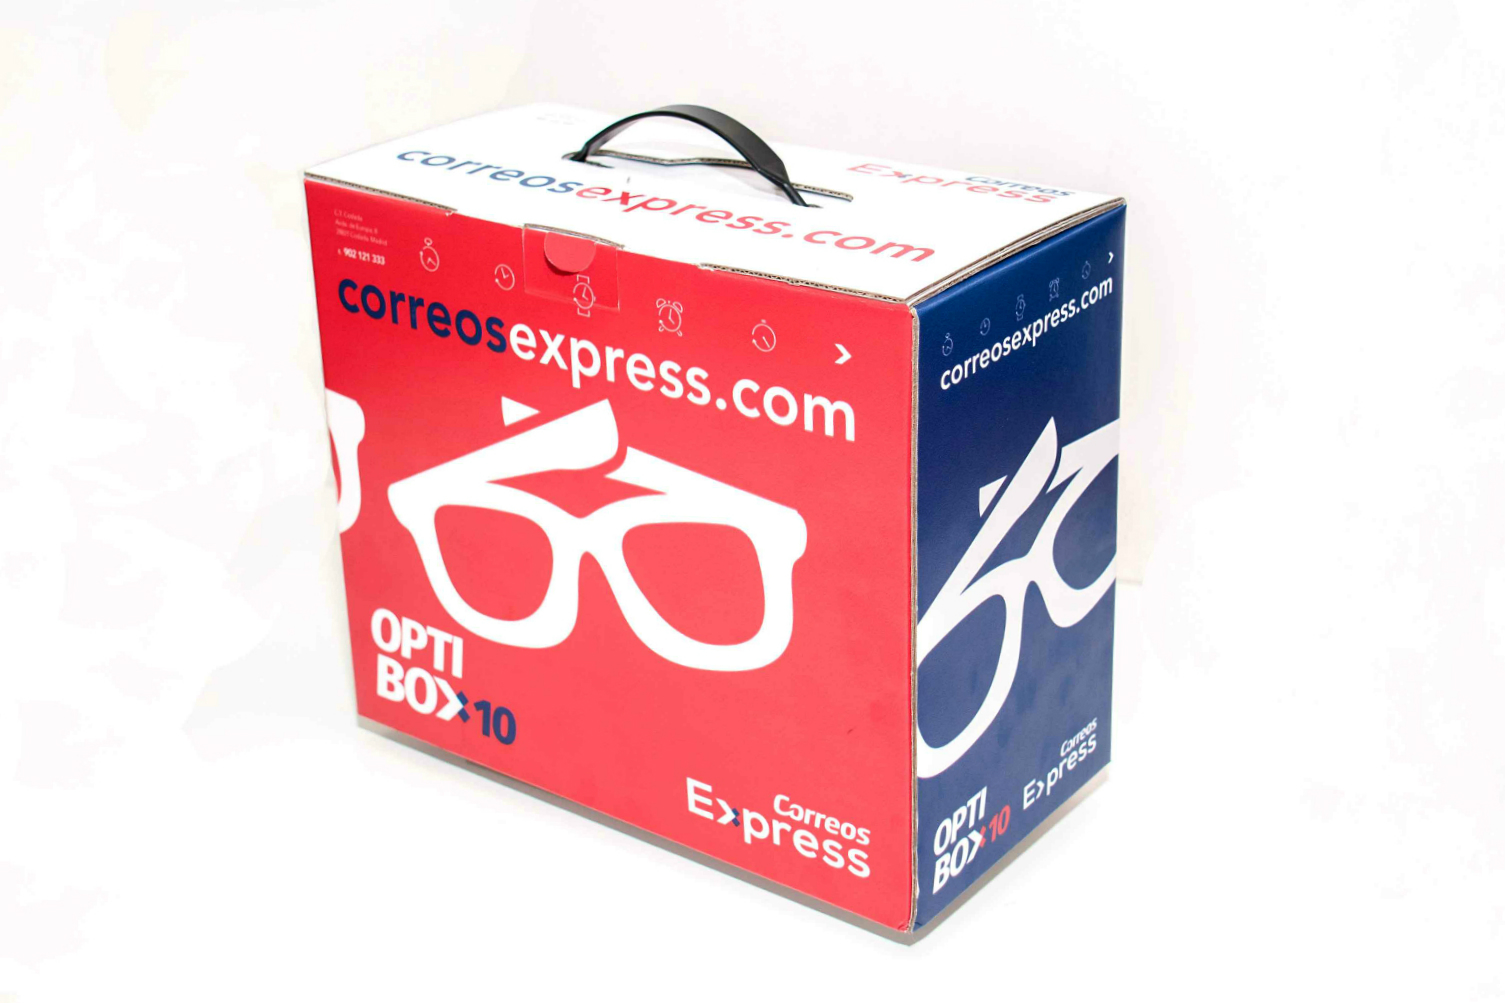 Correos Express lanza dos nuevos productos destinados al sector óptico y audiológico